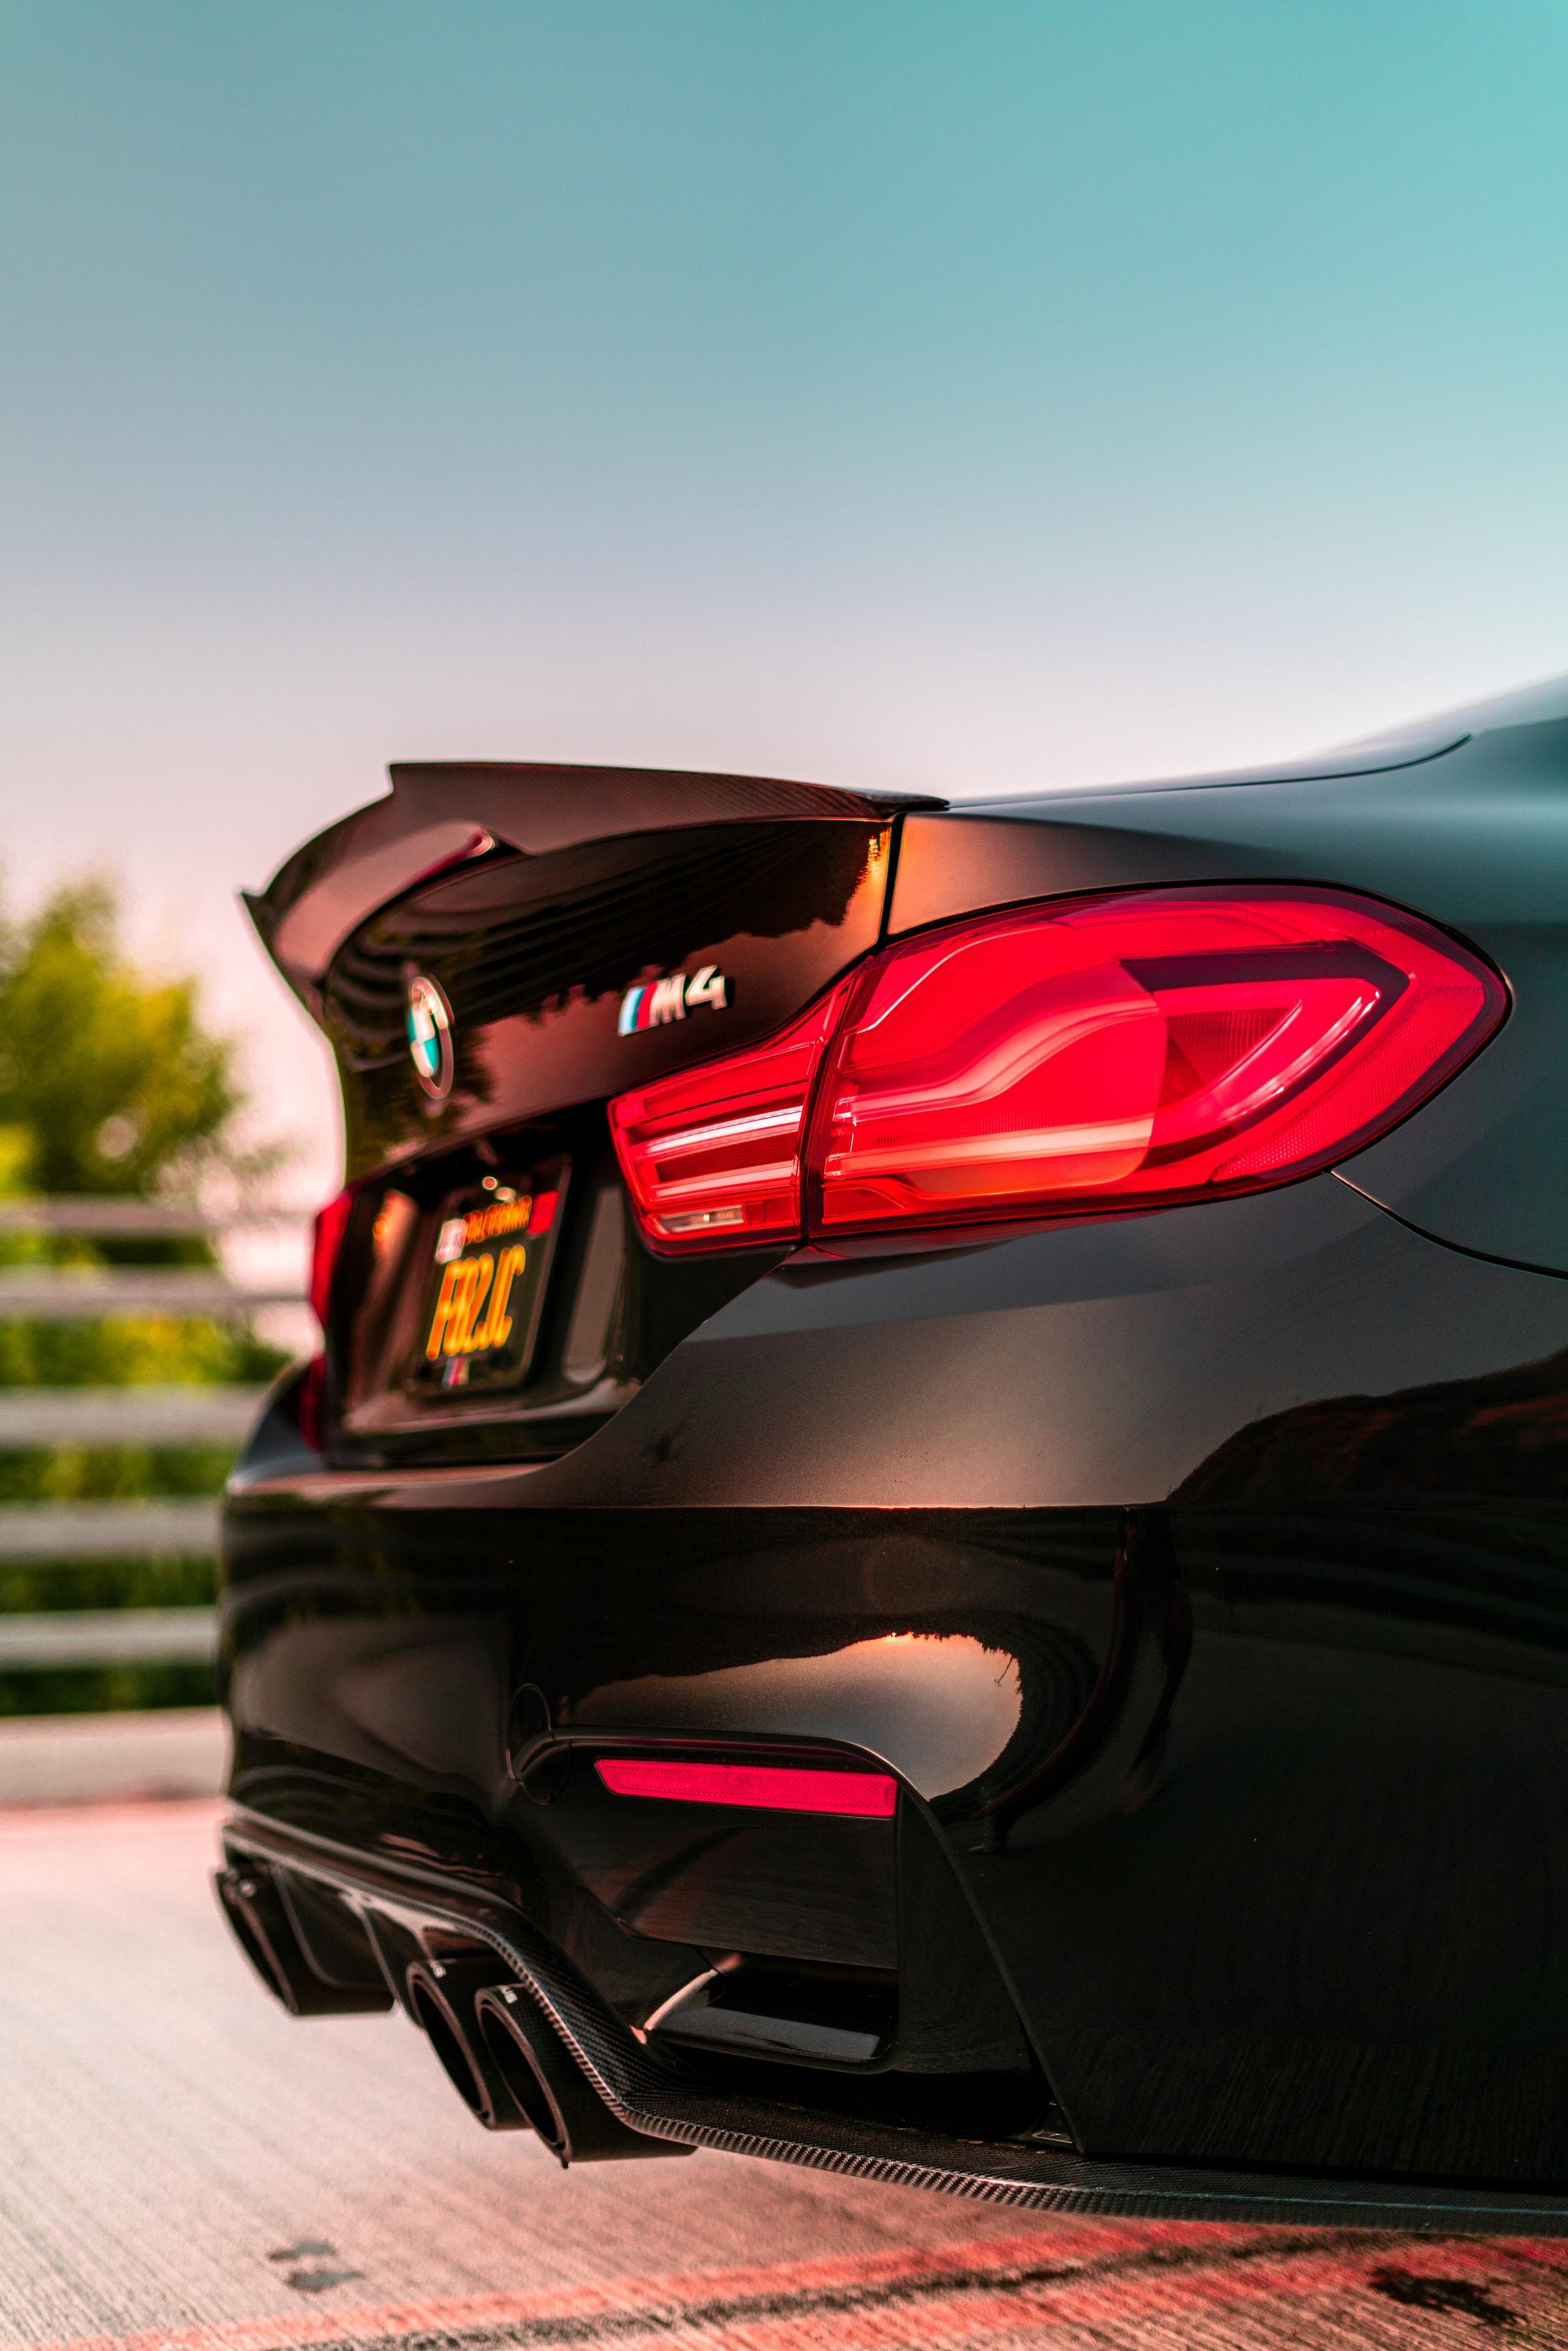 106766 скачать обои Тачки (Cars), Bmw M4, Бмв (Bmw), Автомобиль, Фара, Близко - заставки и картинки бесплатно